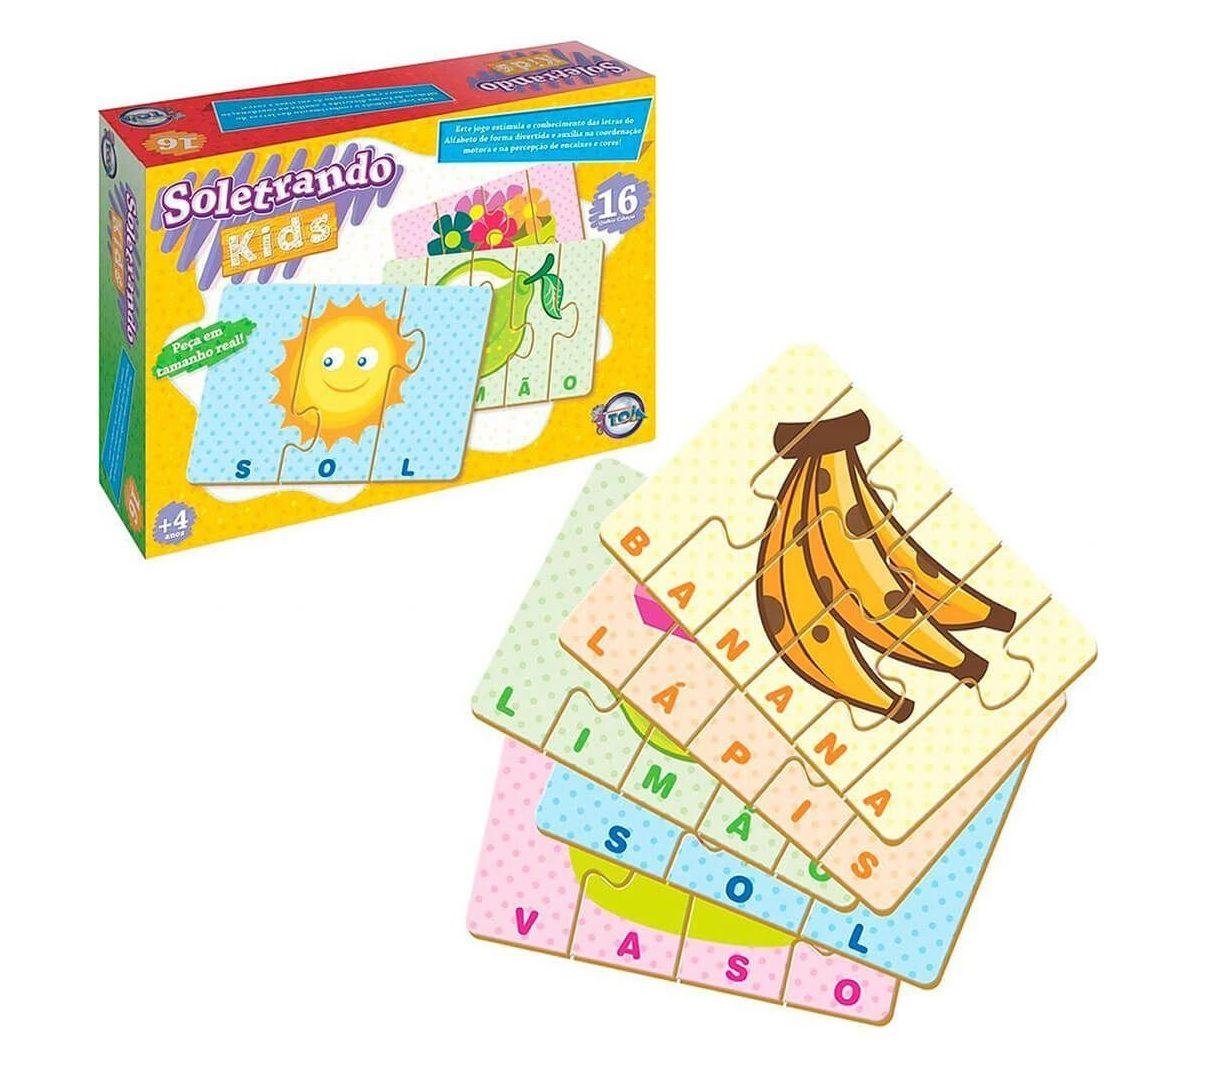 Jogo Soletrando Kids - Toia Brinquedos